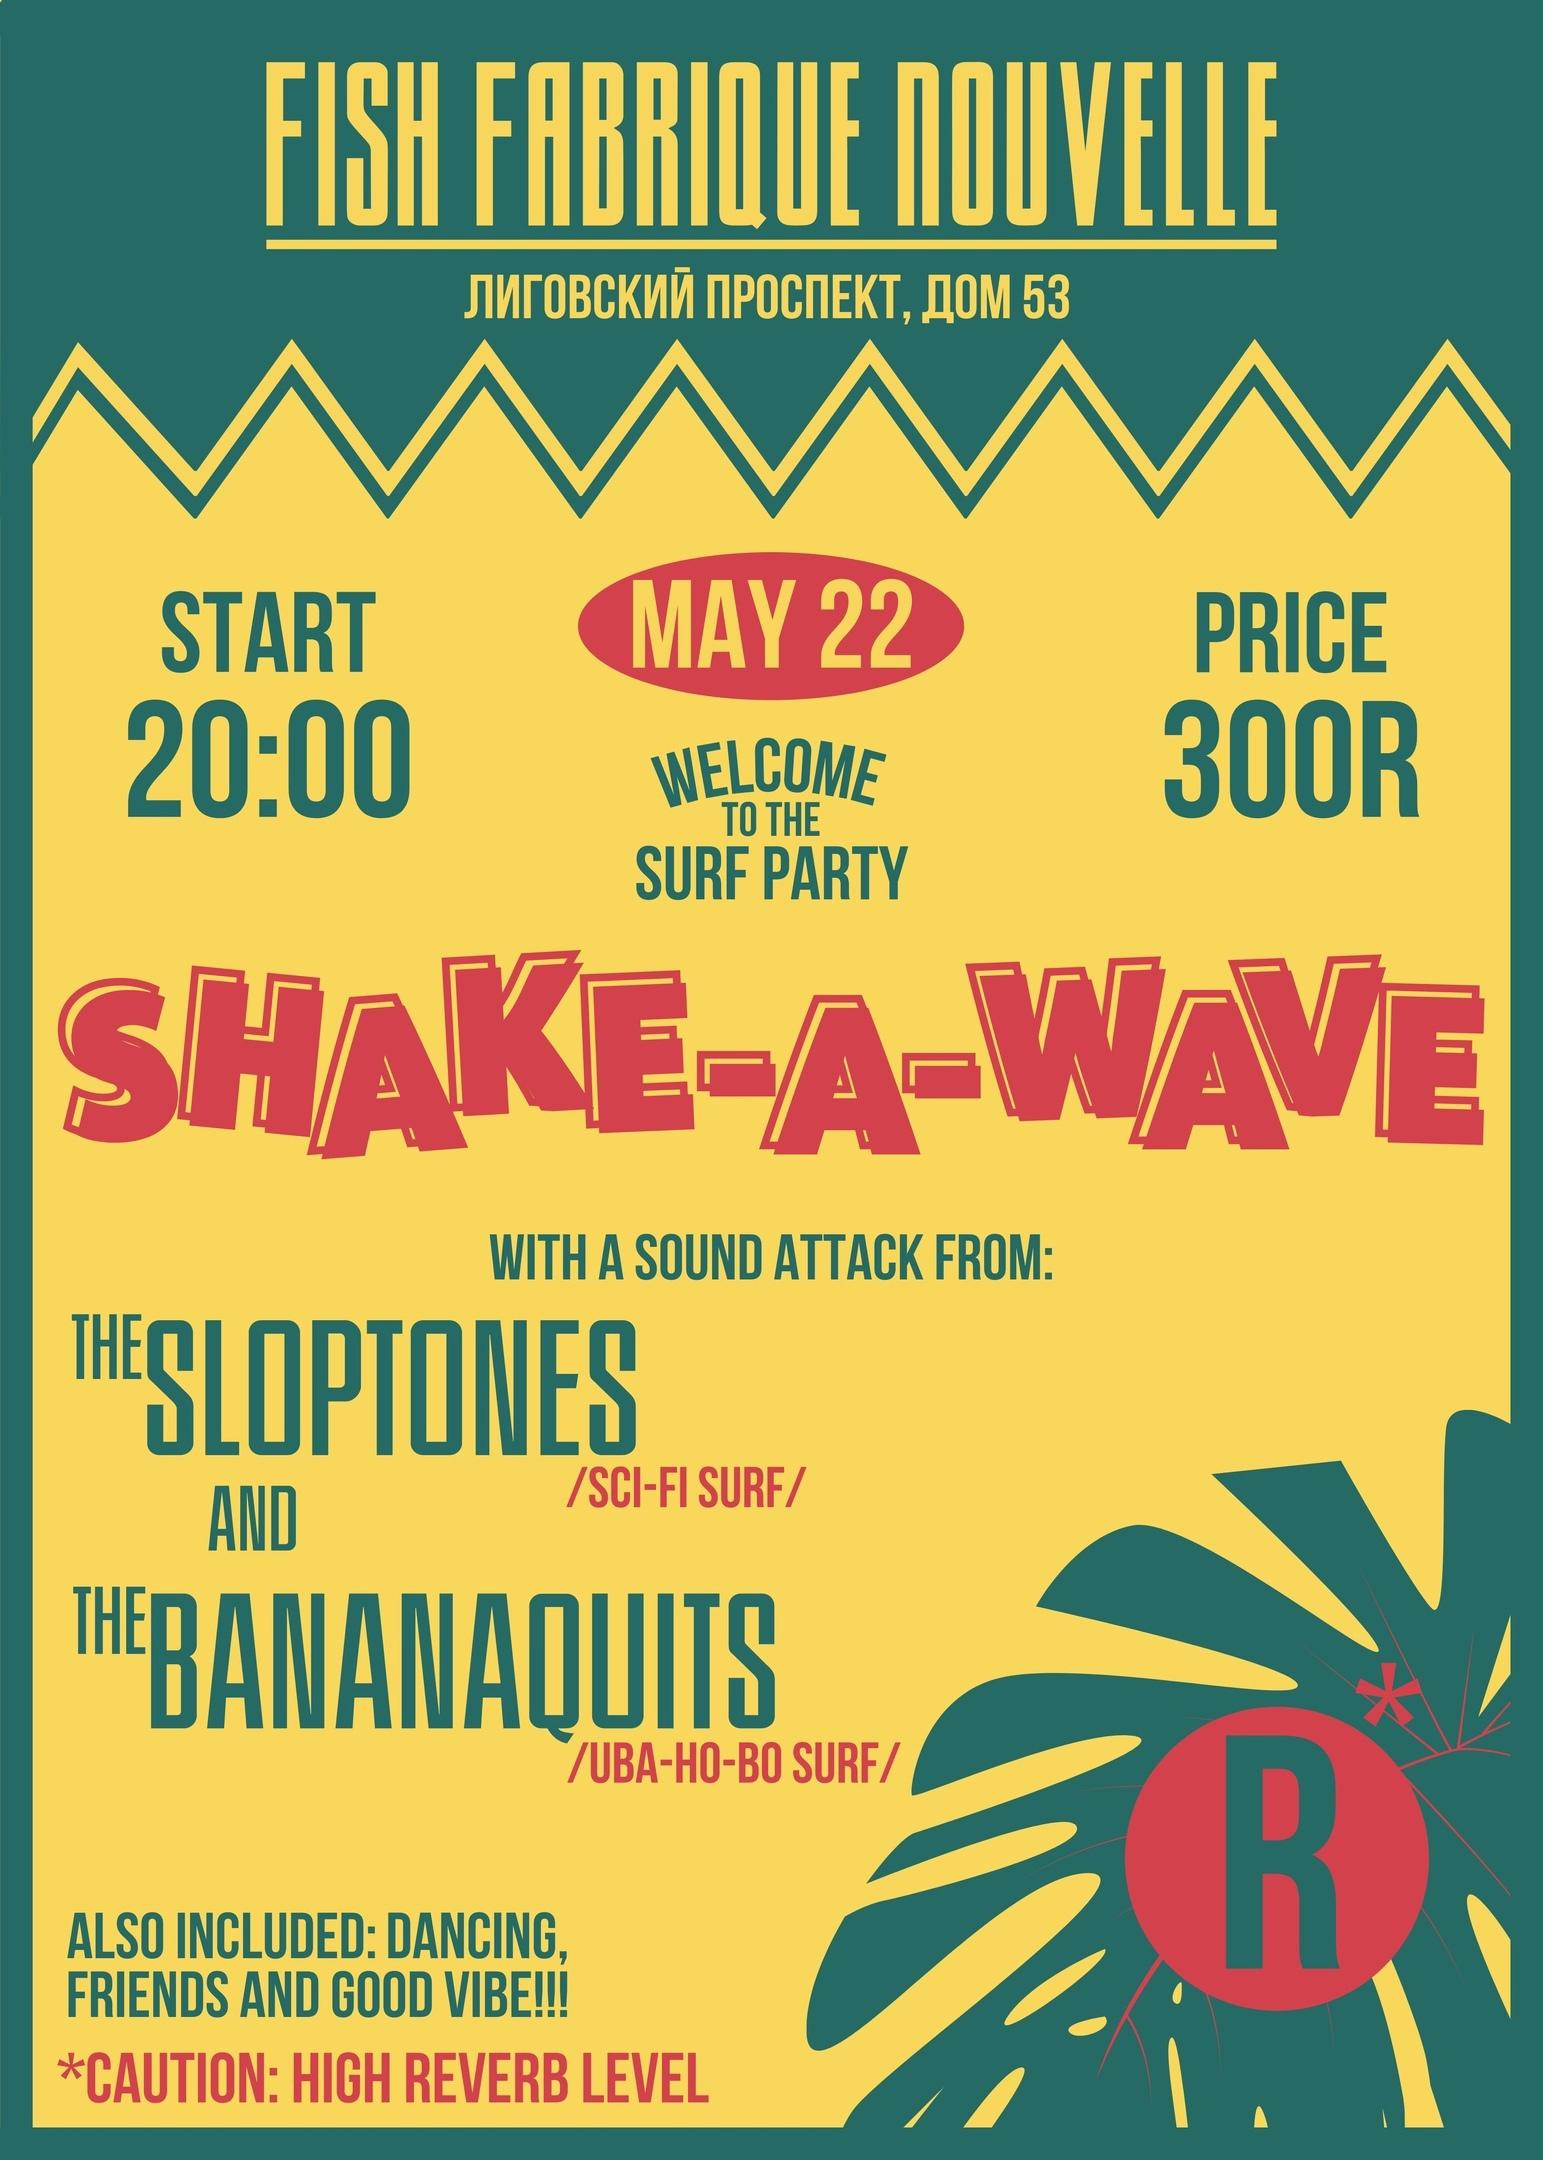 22.04 Shake-a-Wave в Fish Fabrique Nouvelle!